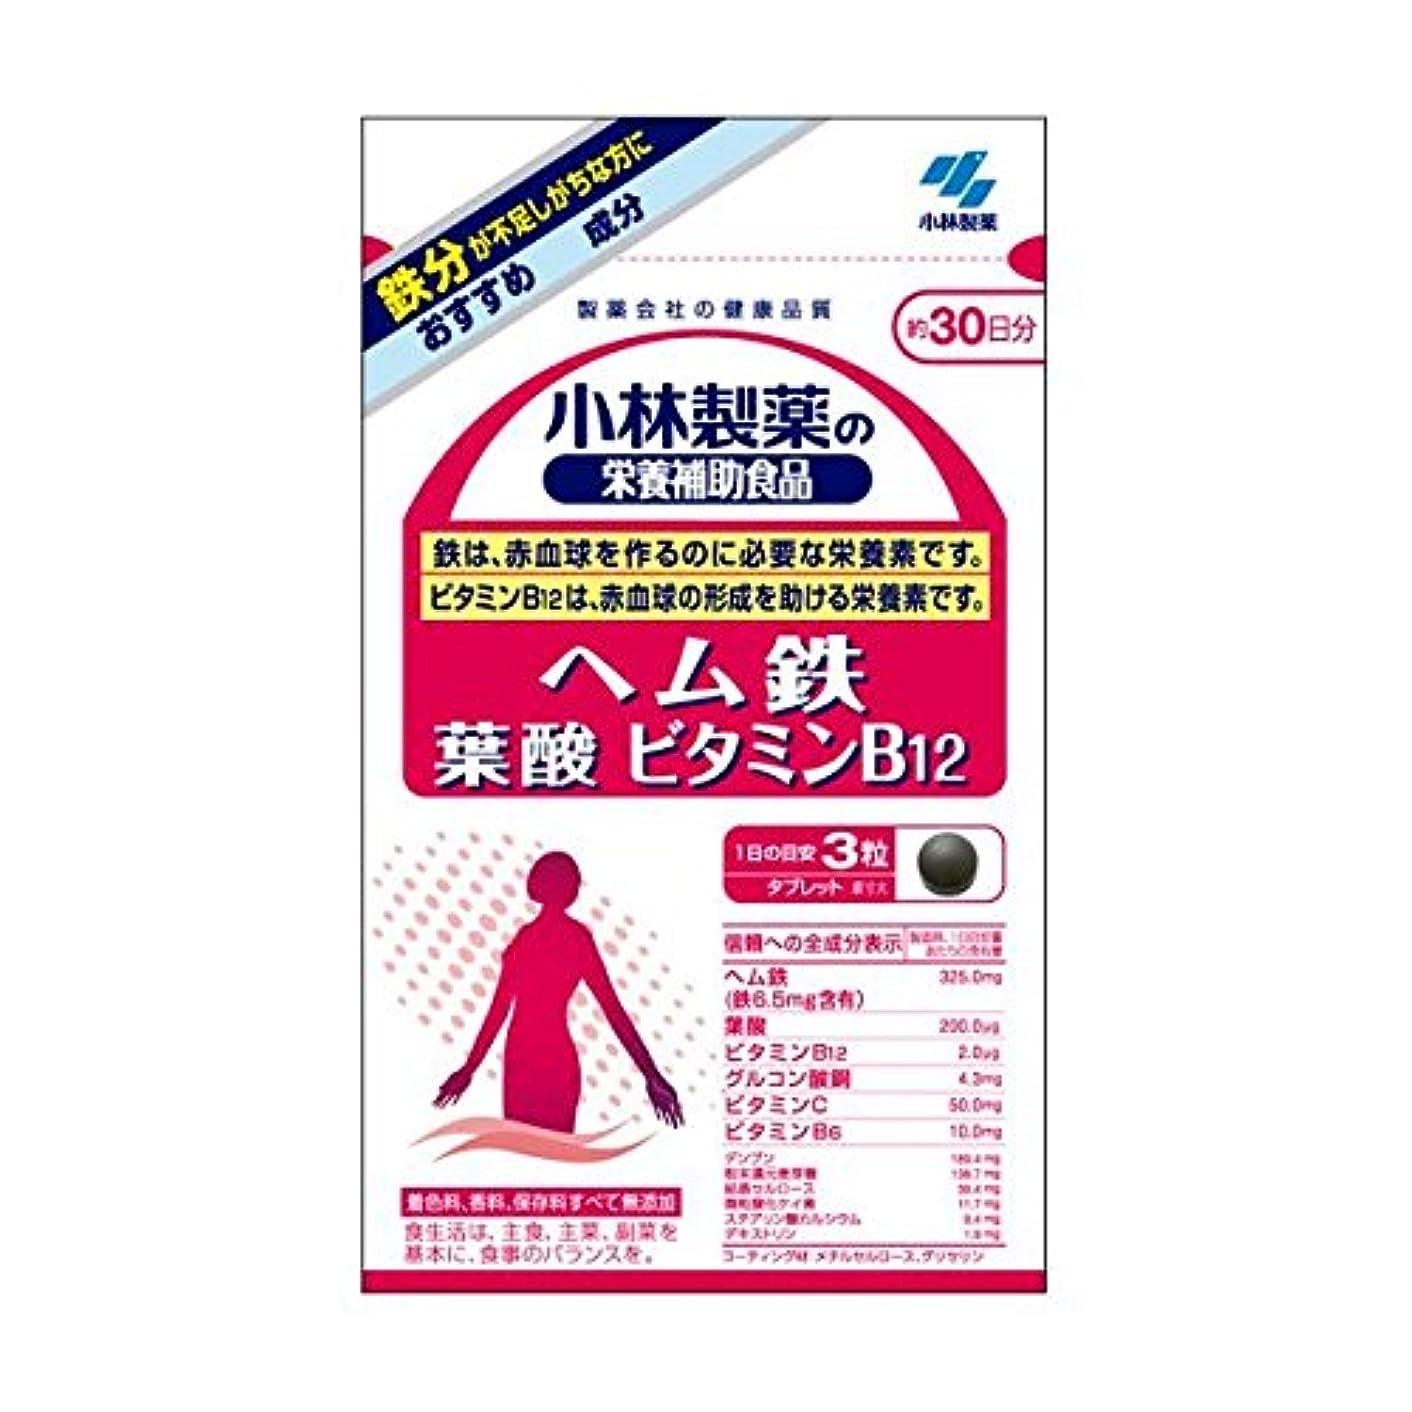 悲観的若いロケット小林製薬 小林製薬の栄養補助食品ヘム鉄葉酸ビタミンB12 90粒×2